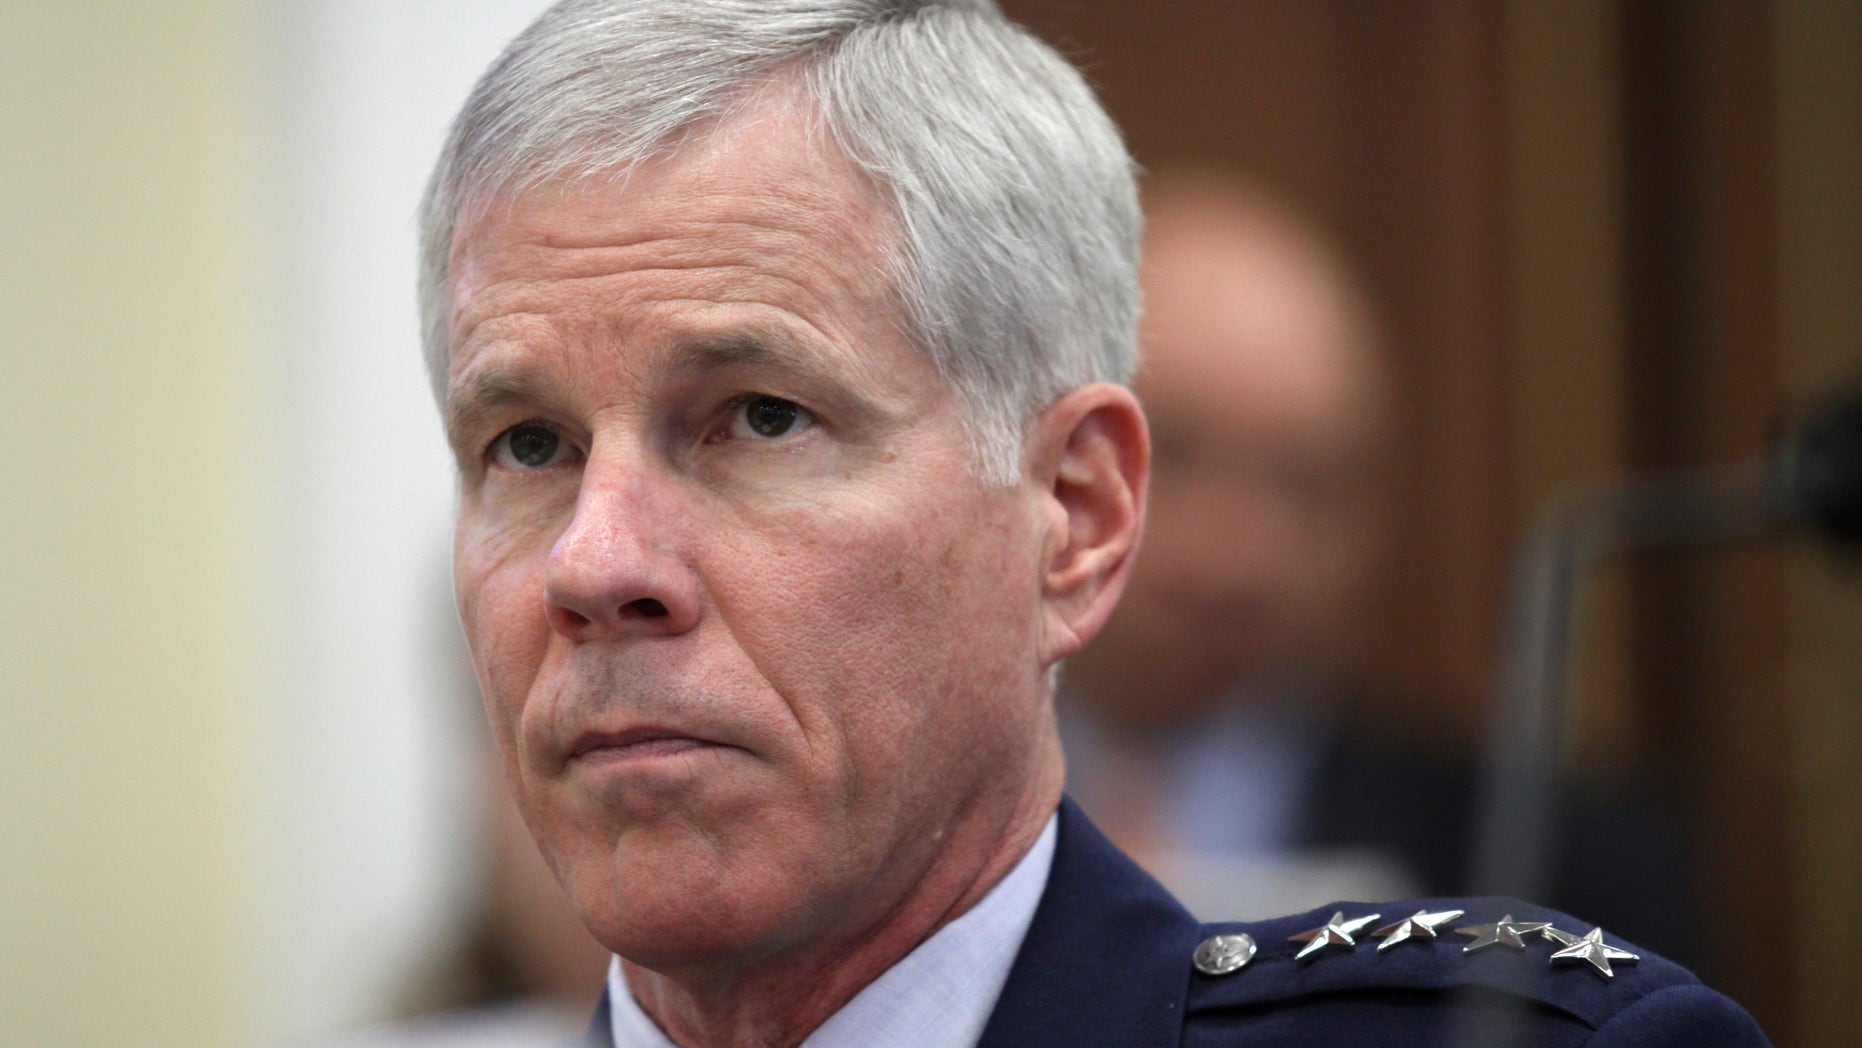 Gen. William Shelton, Comandante de la Fuerza Aerea de los EEUU, testifica en el capitolio.